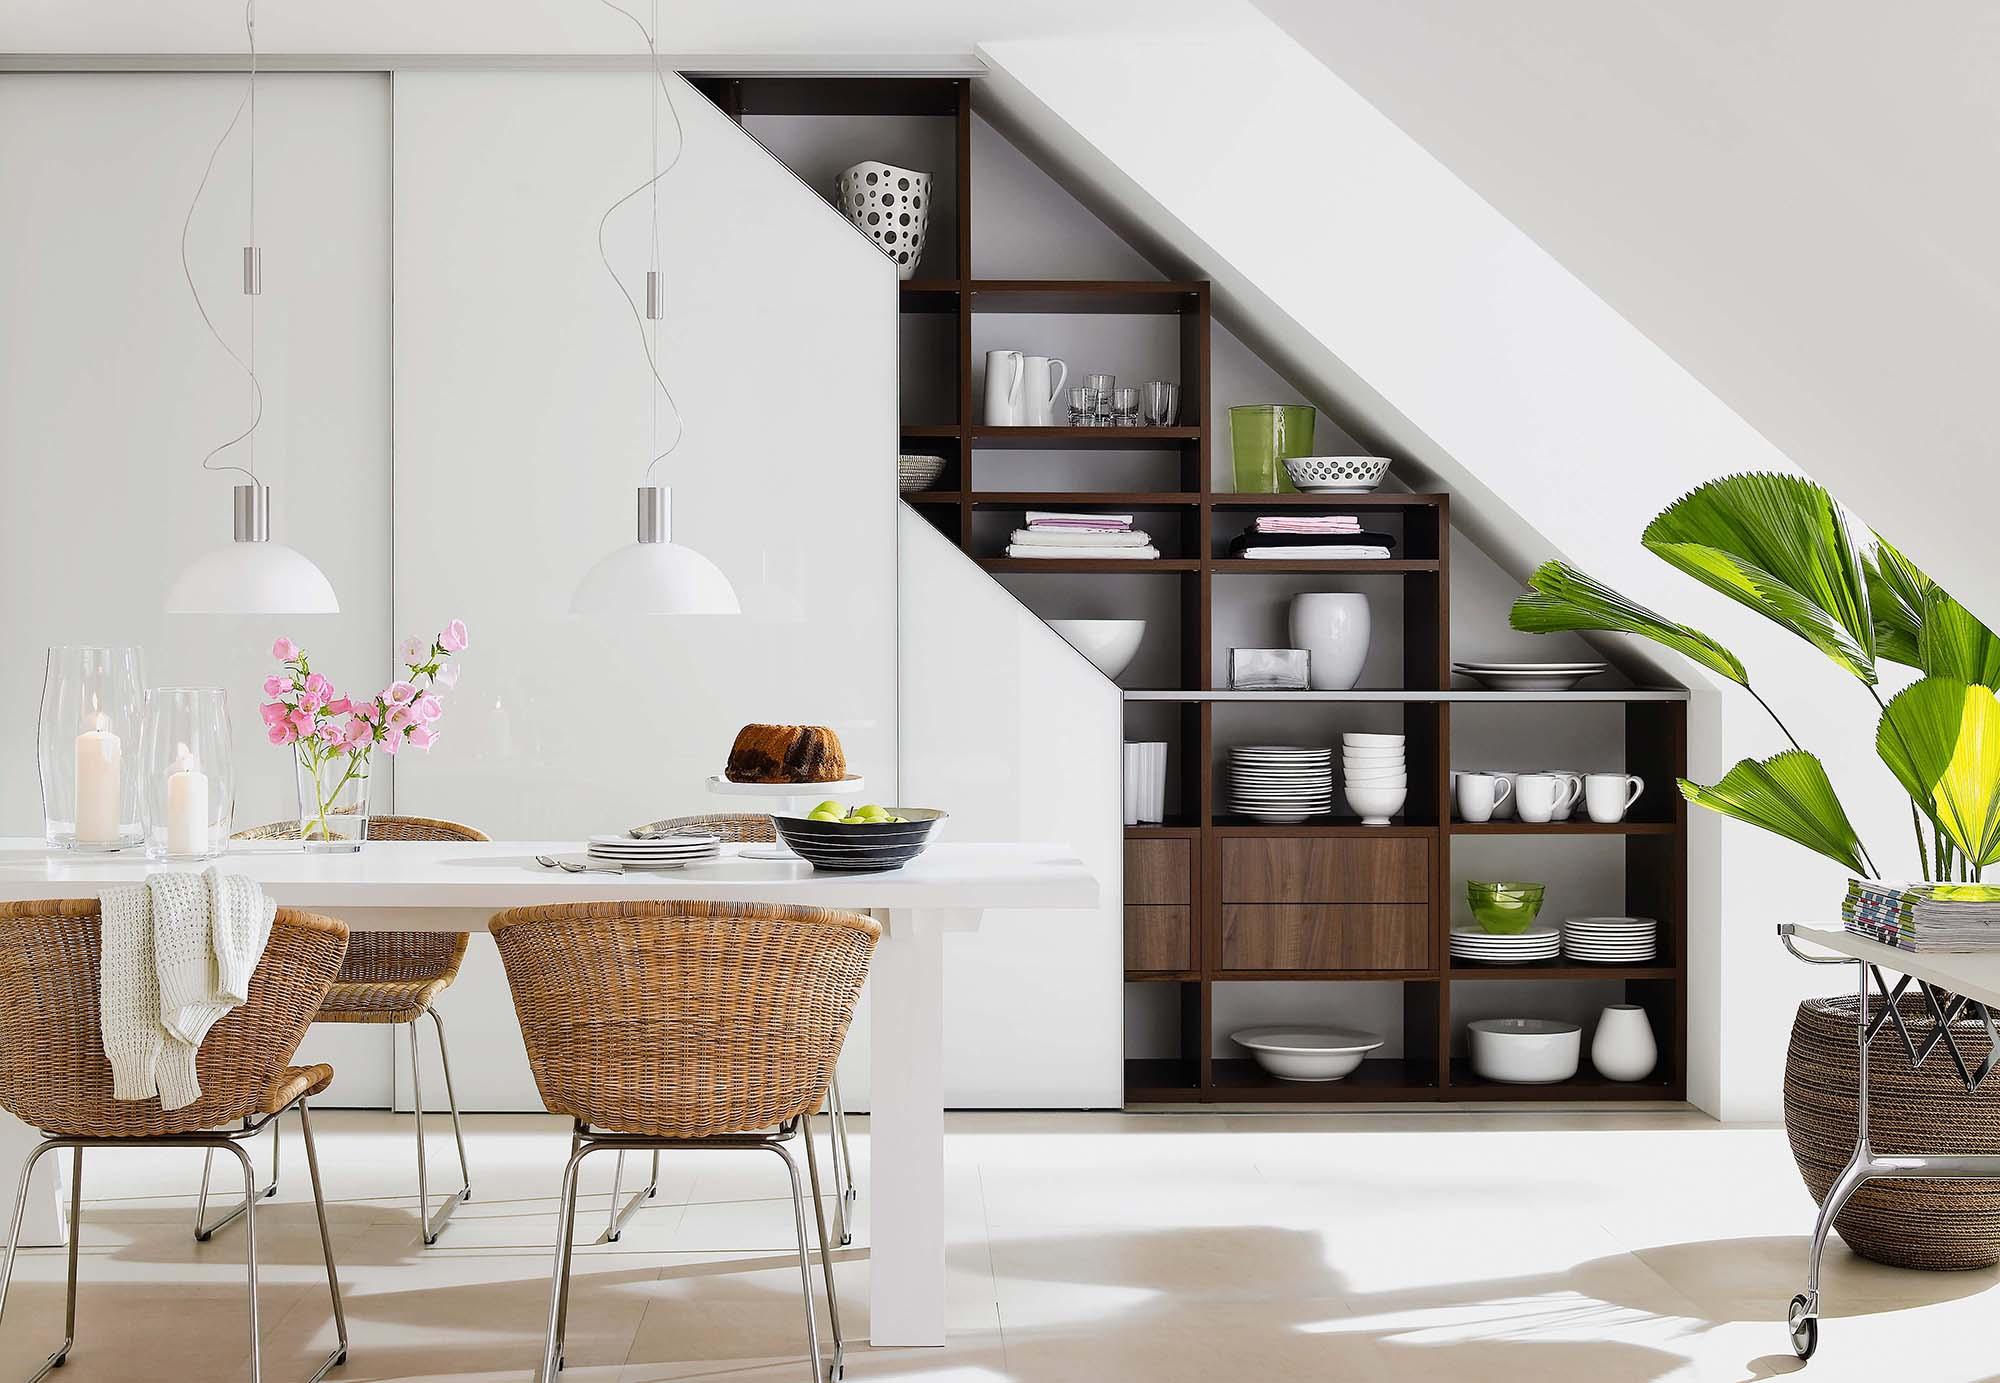 Шкаф-купе для посуды на кухне